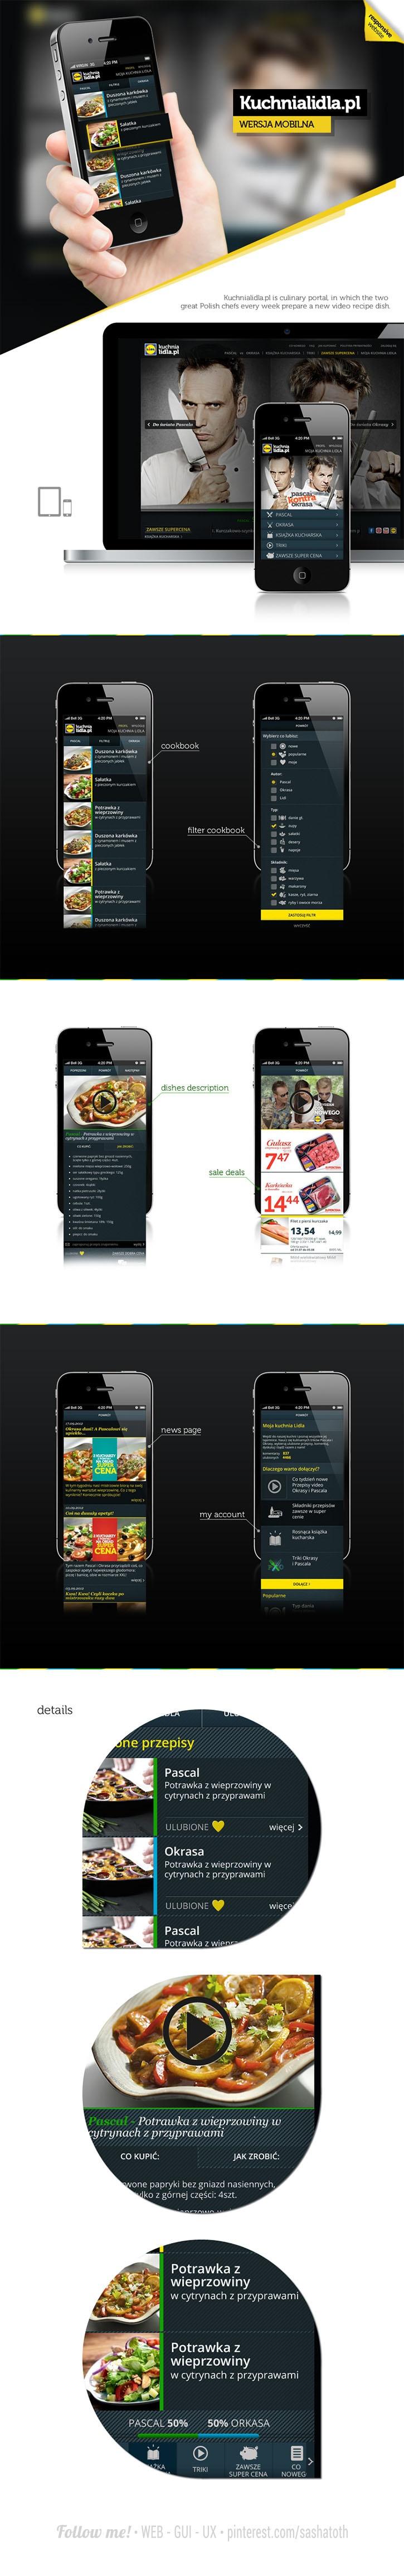 Kuchnialidla.pl - mobile by Jarosław Kosiński *** #web #rwd #behance